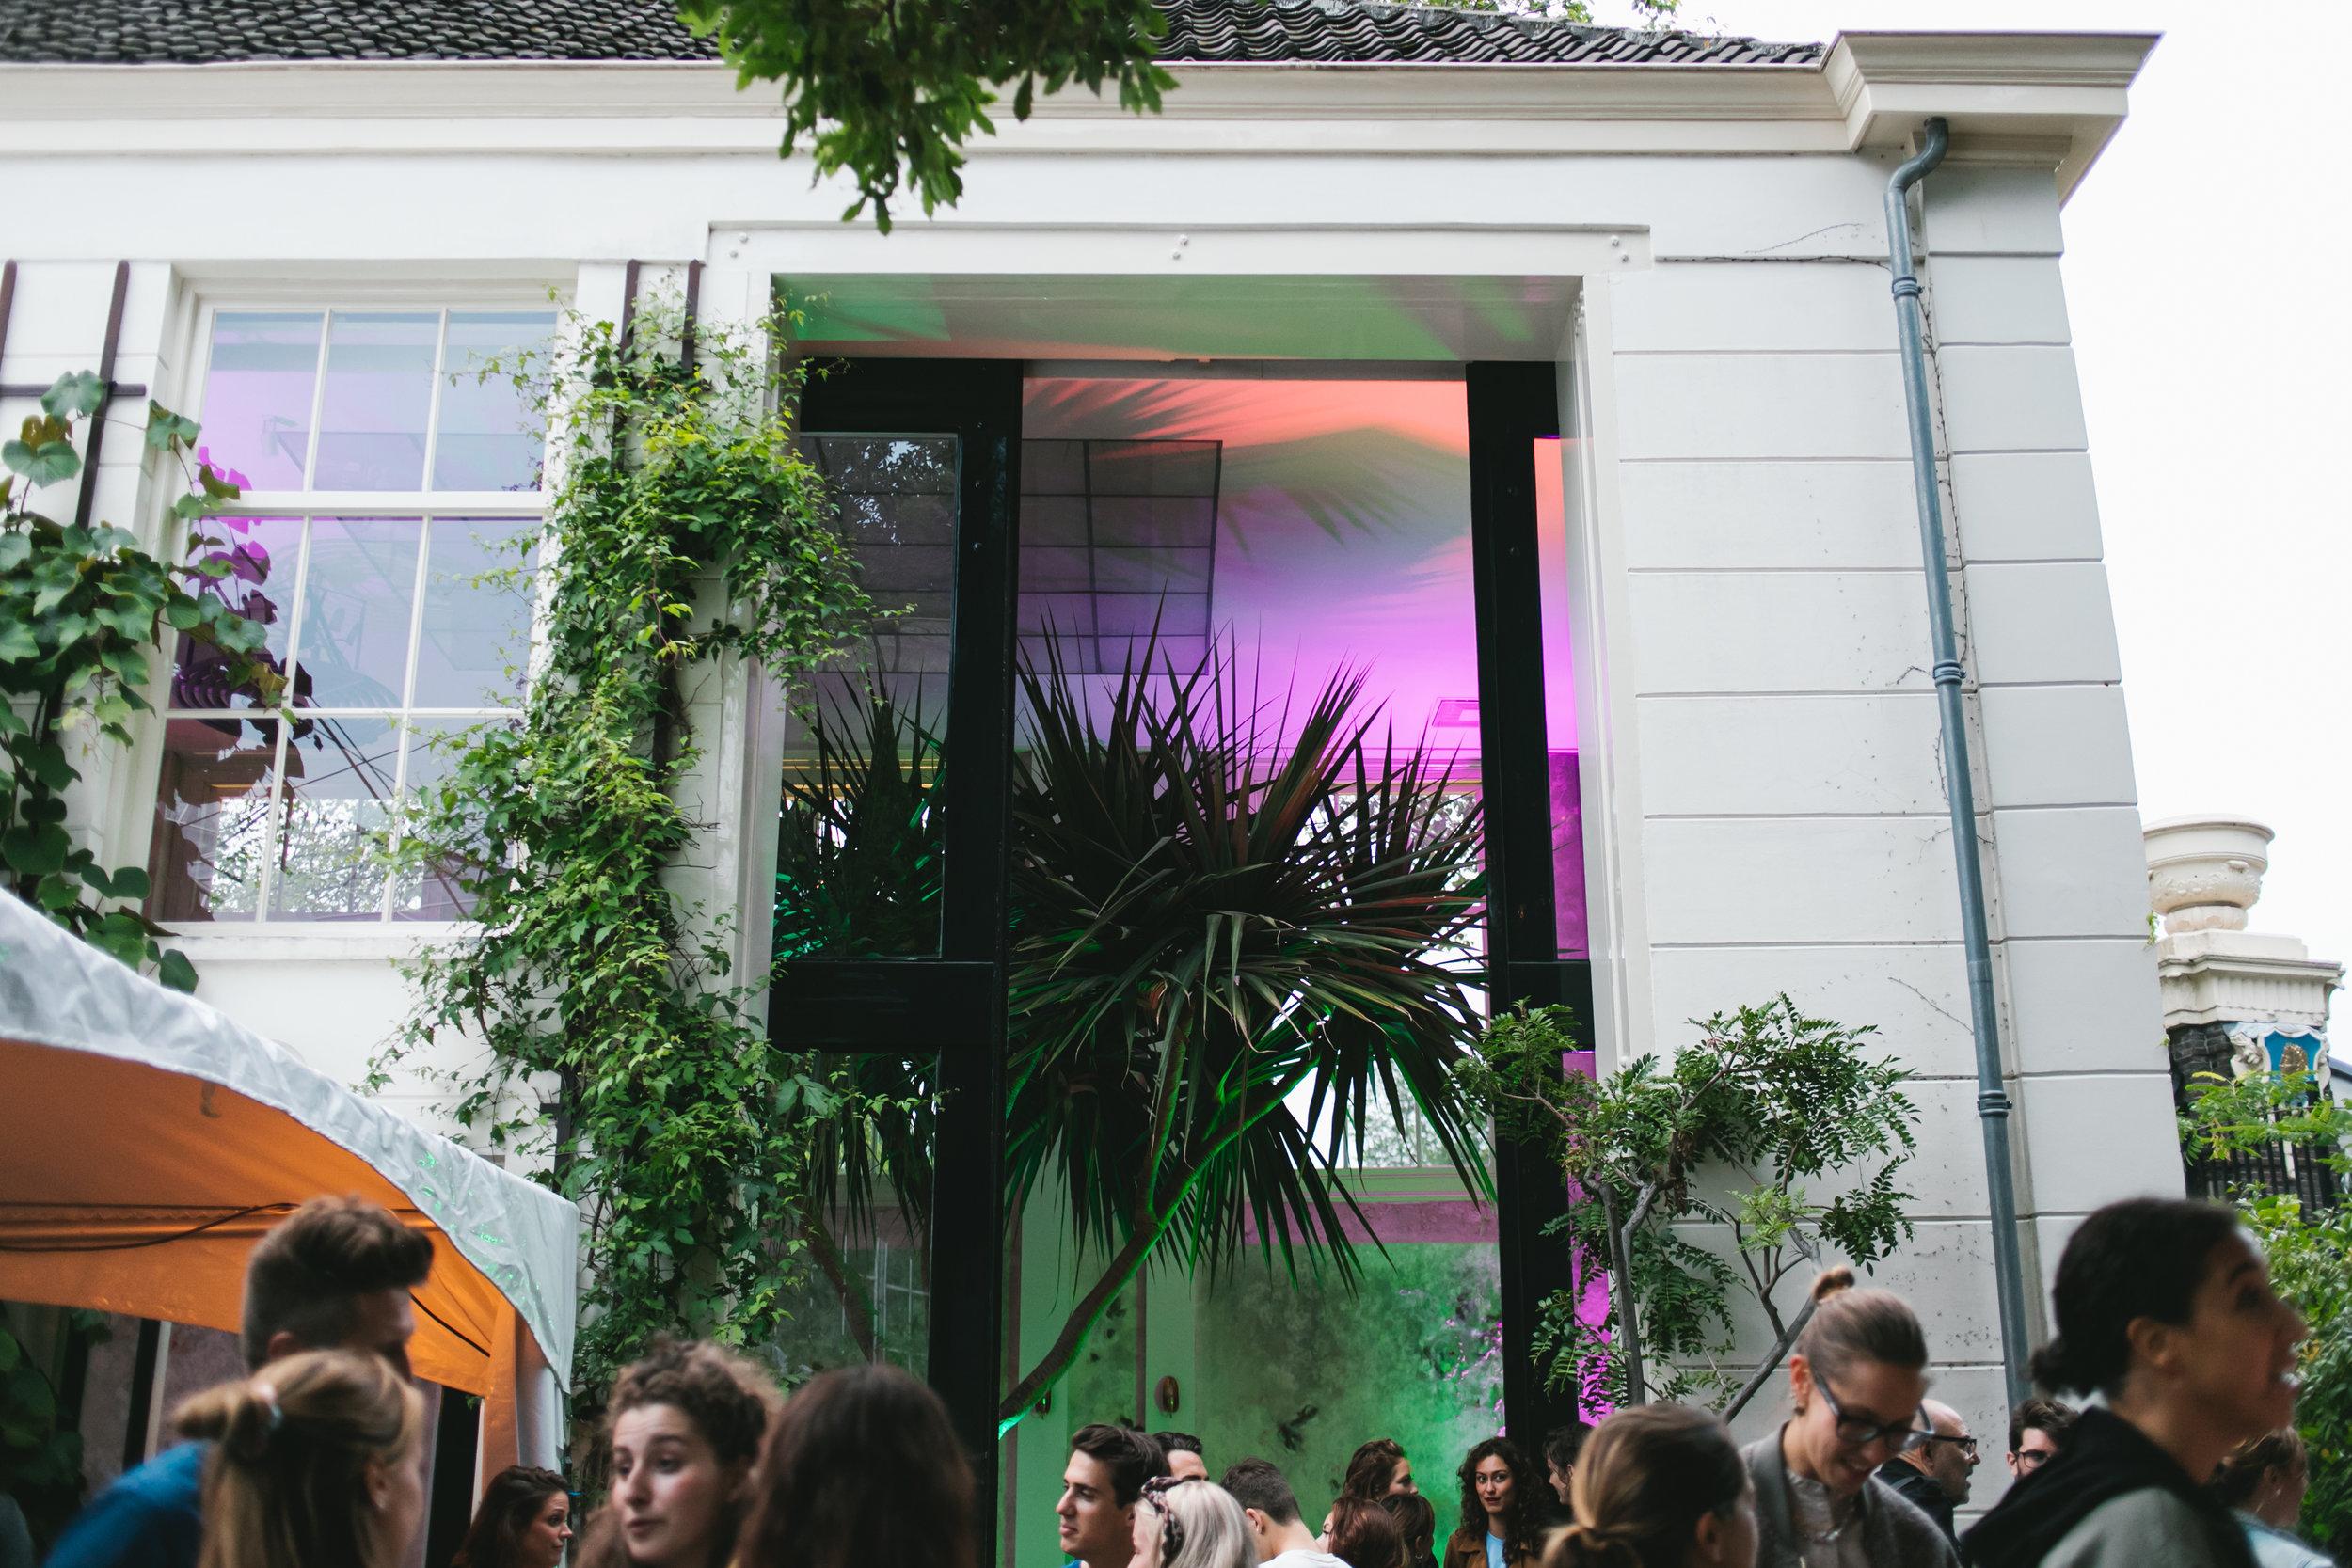 Krem de la krem Lois fashion event A.P Bloem De Hortus Botanicus Flowers Amsterdam bloemist Bloemen evenement table decoration styling decoratie Tree Boom Palm